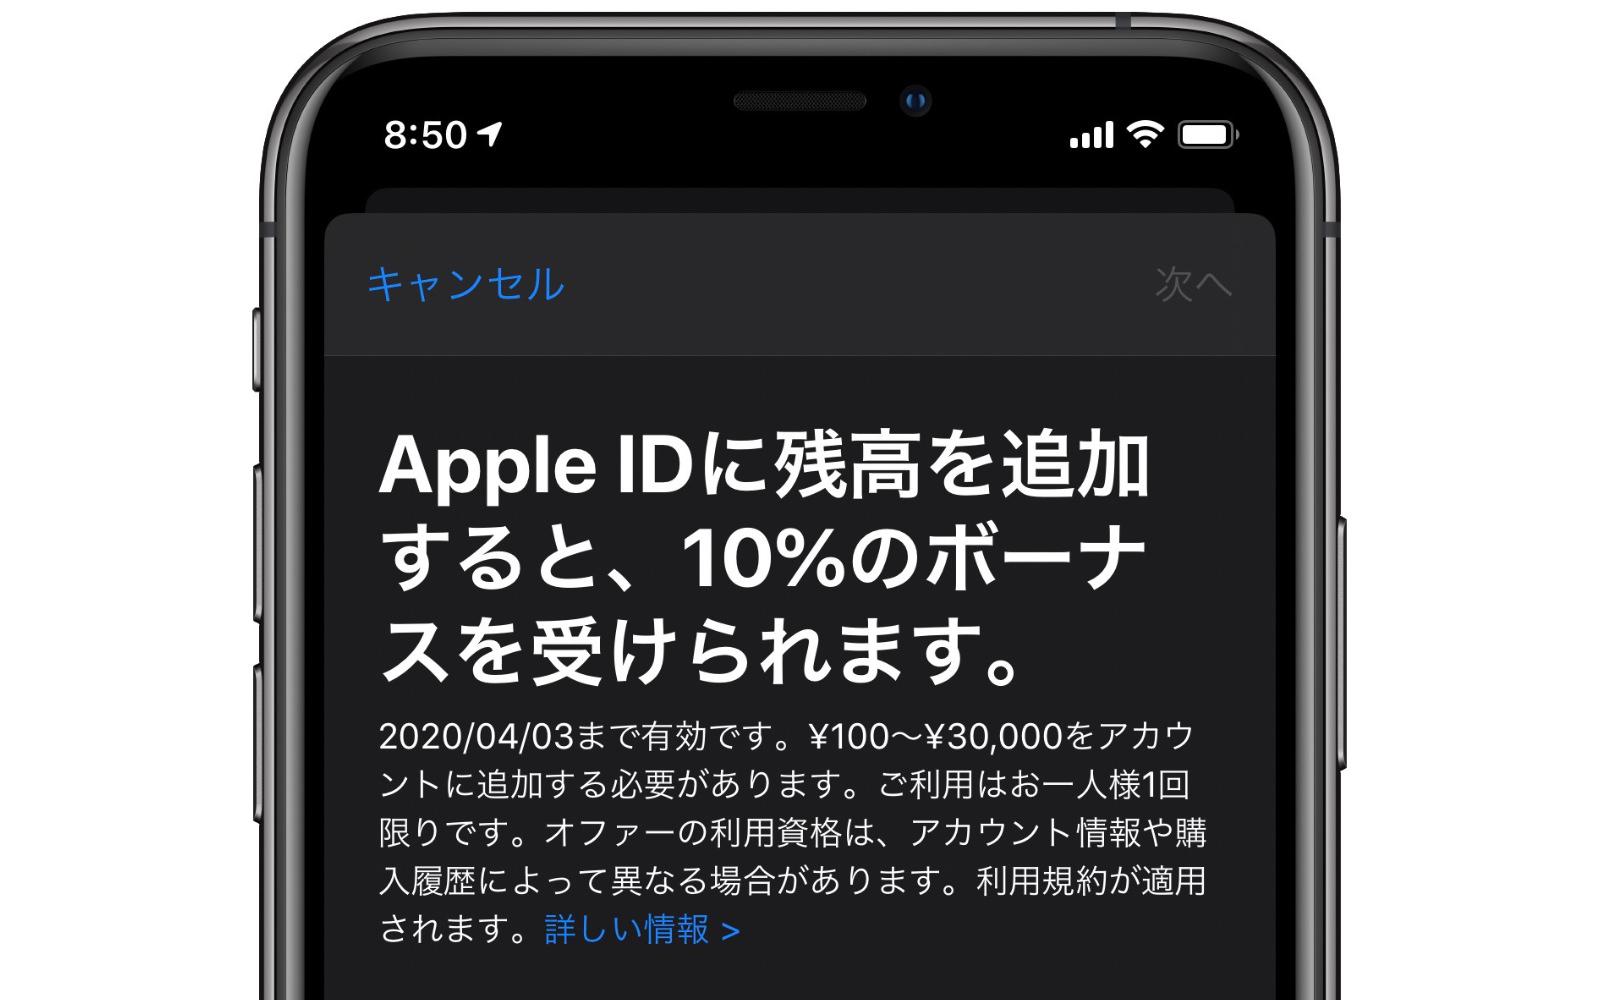 Apple ID Bonus 202003